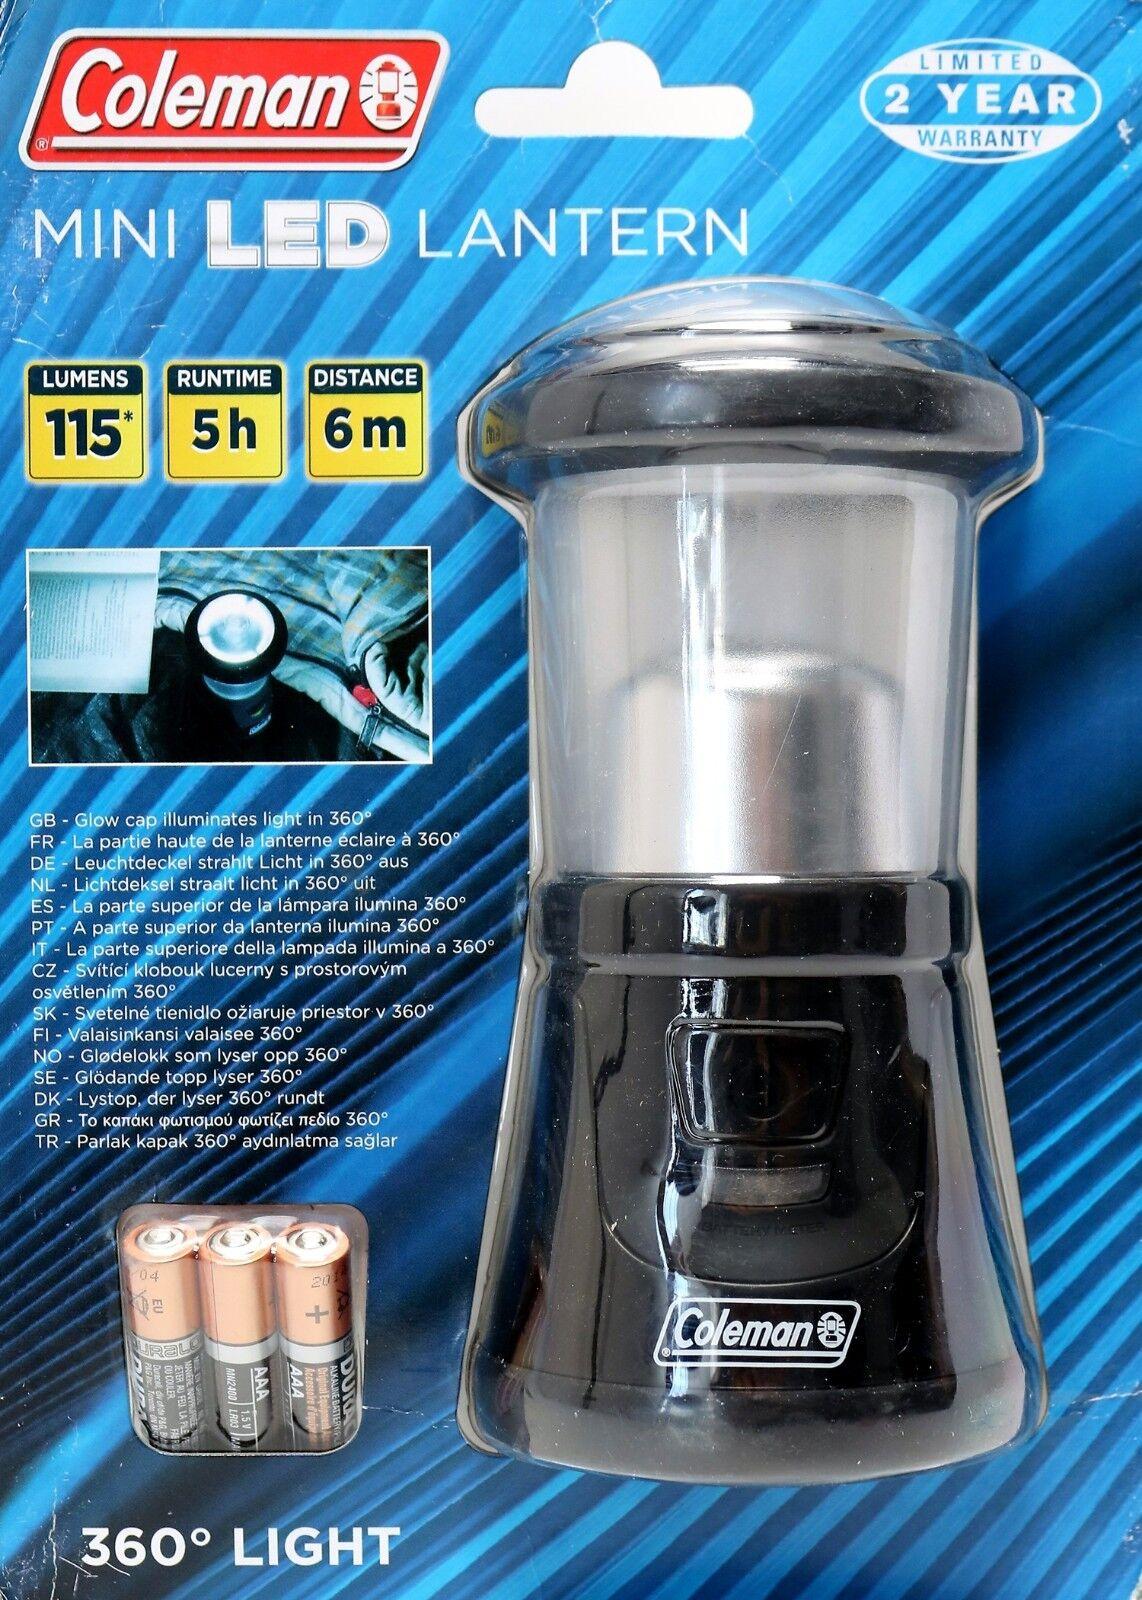 Lanterne Camping Mini Del Lampe Coleman rdCeWxBo